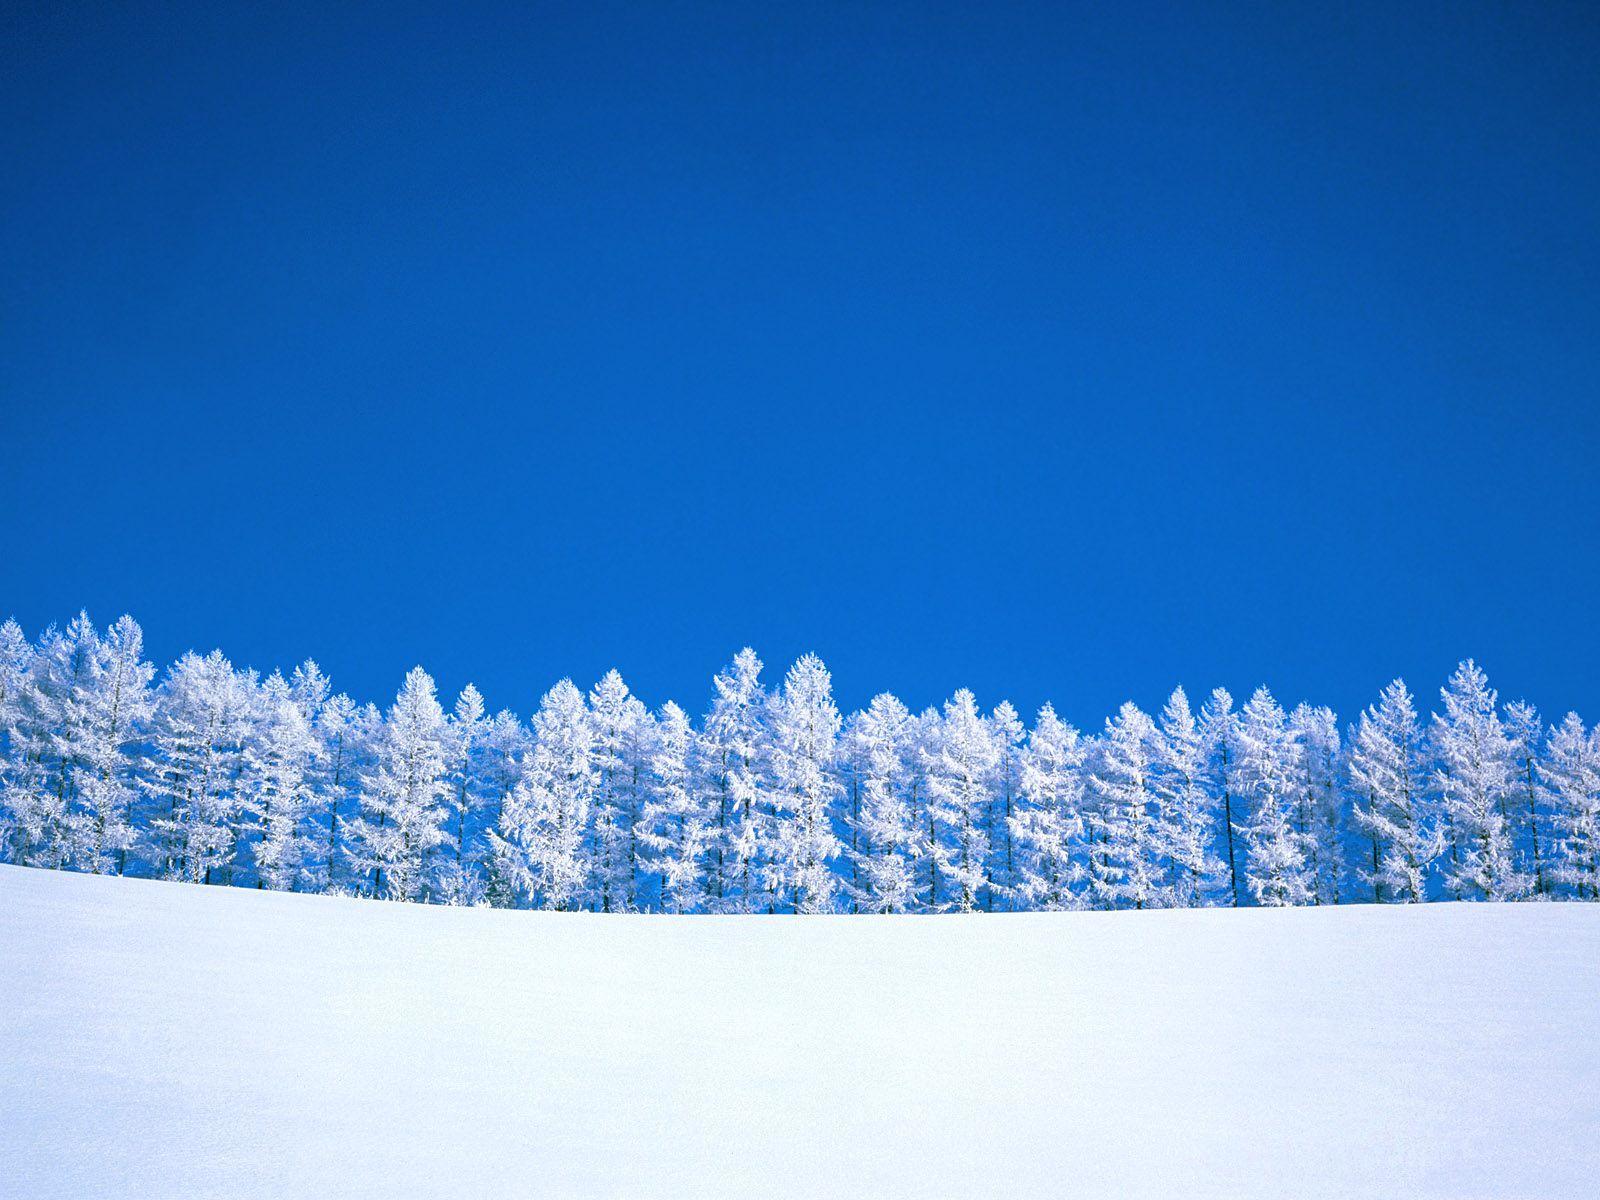 обои для рабочего стола, фото, зима, снег